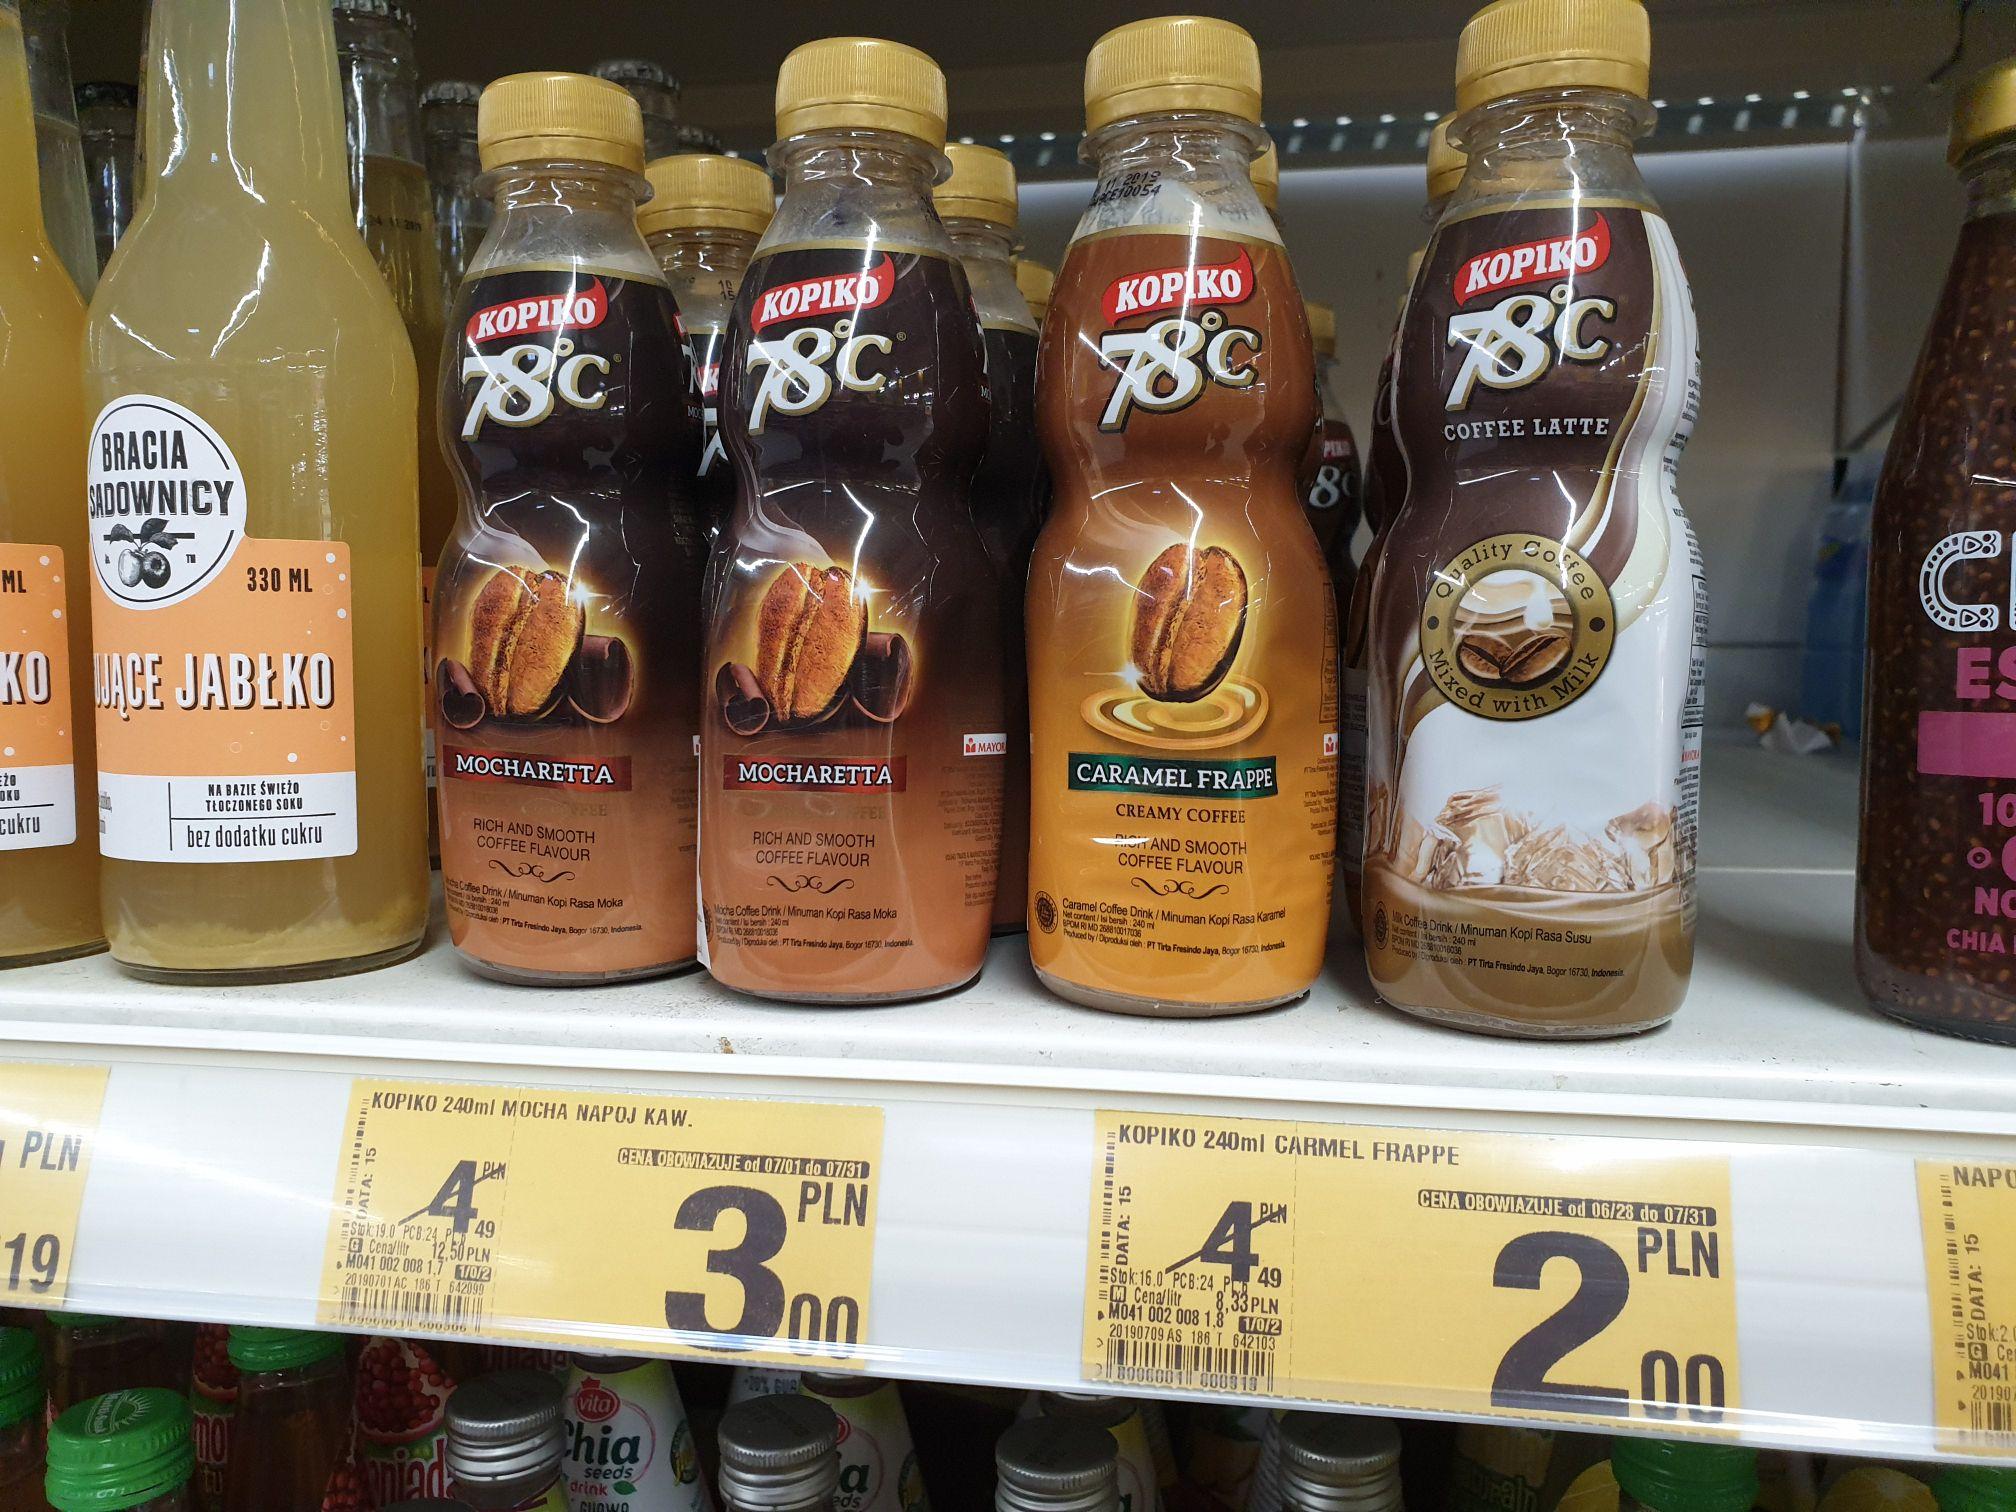 Napój kawowy Auchan kawa carmel frappe KOPIKO